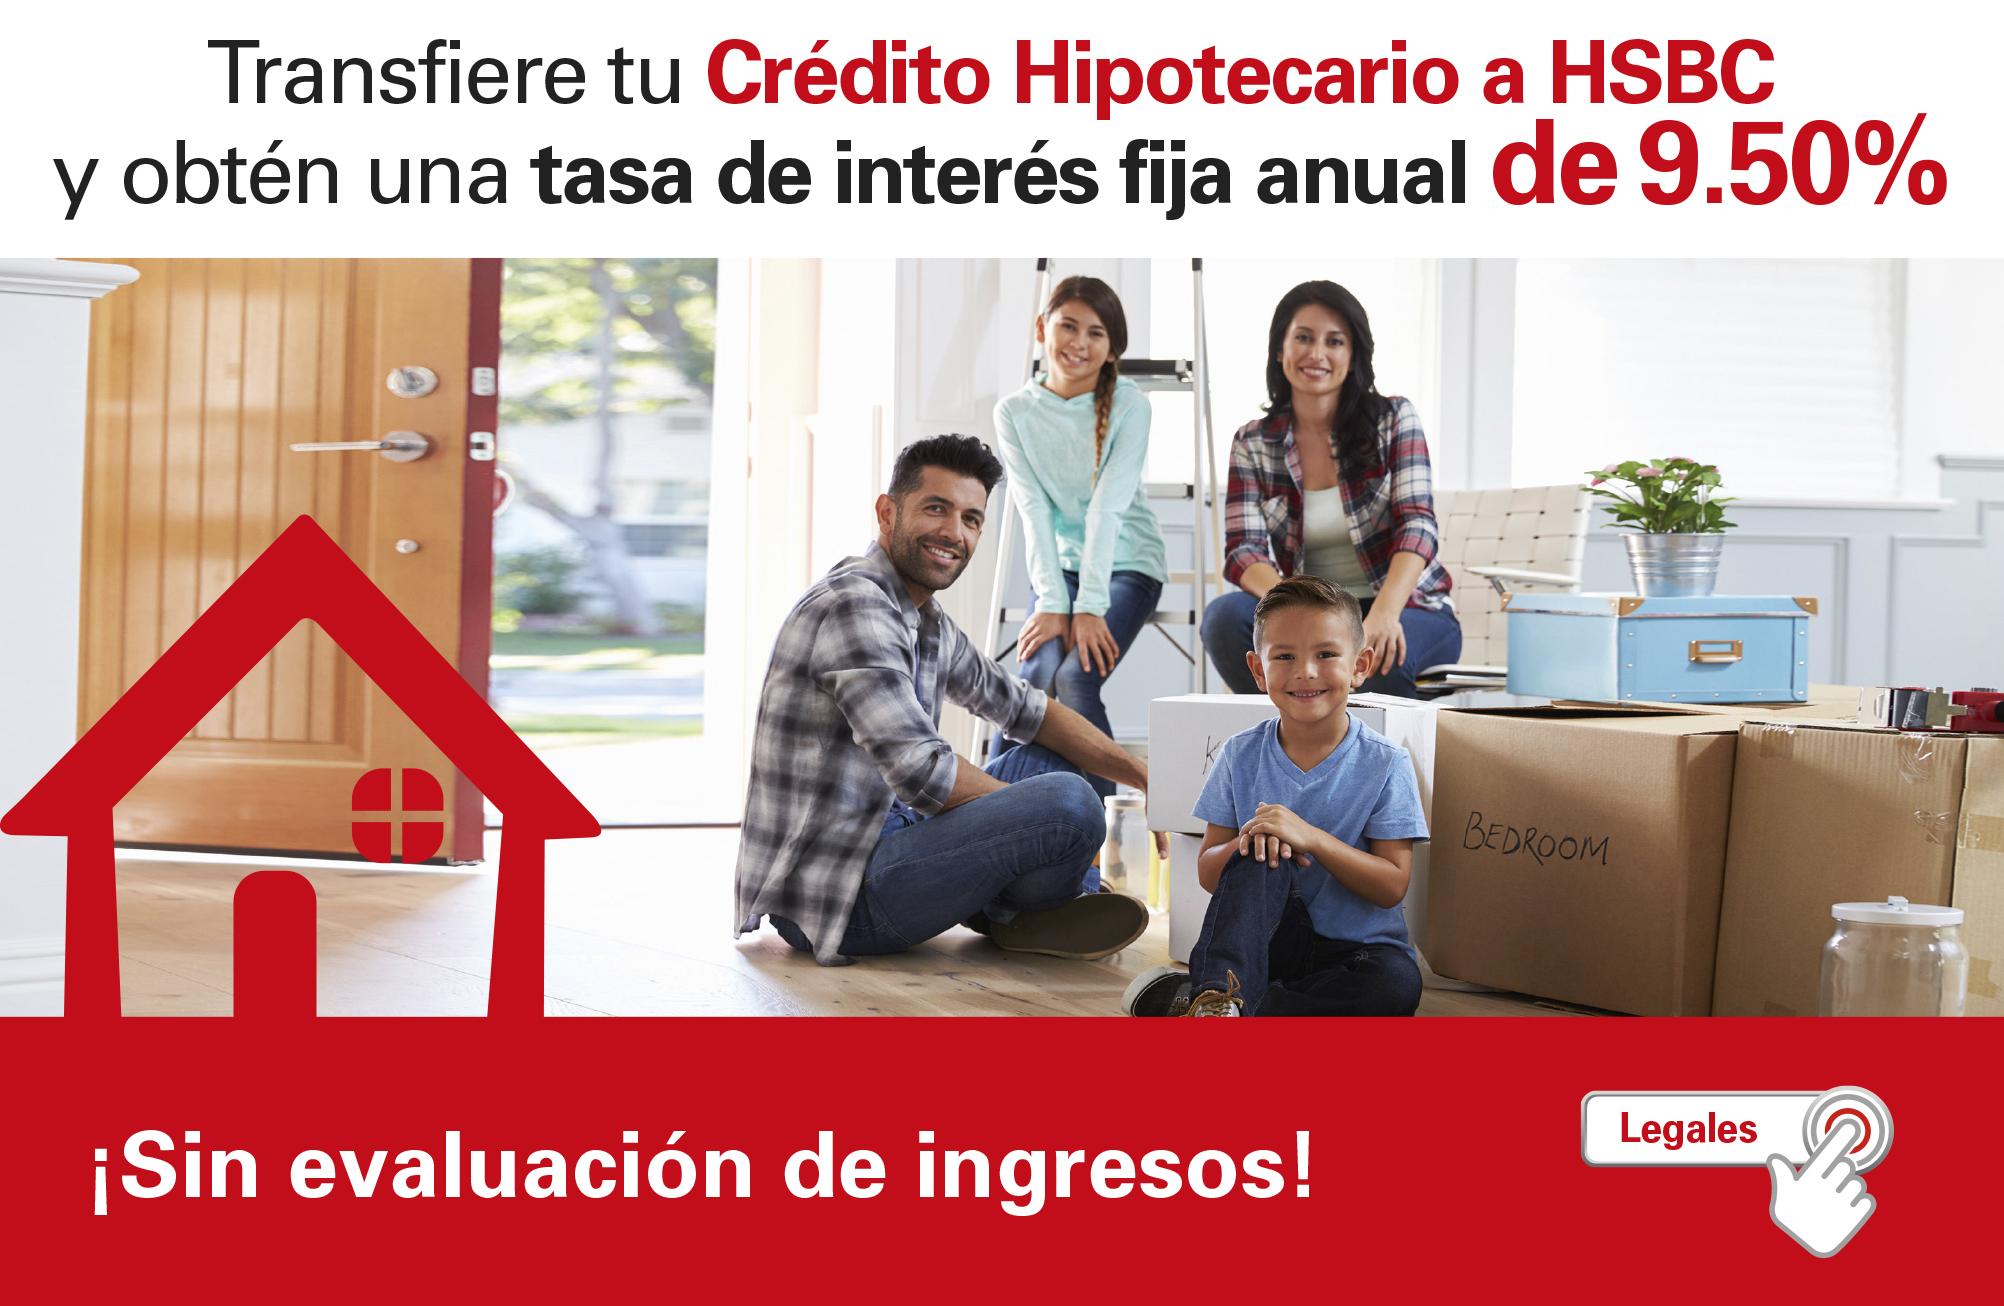 6 MSI Tarjetas de crédito HSBC compras mayores a 1000 y doble de puntos